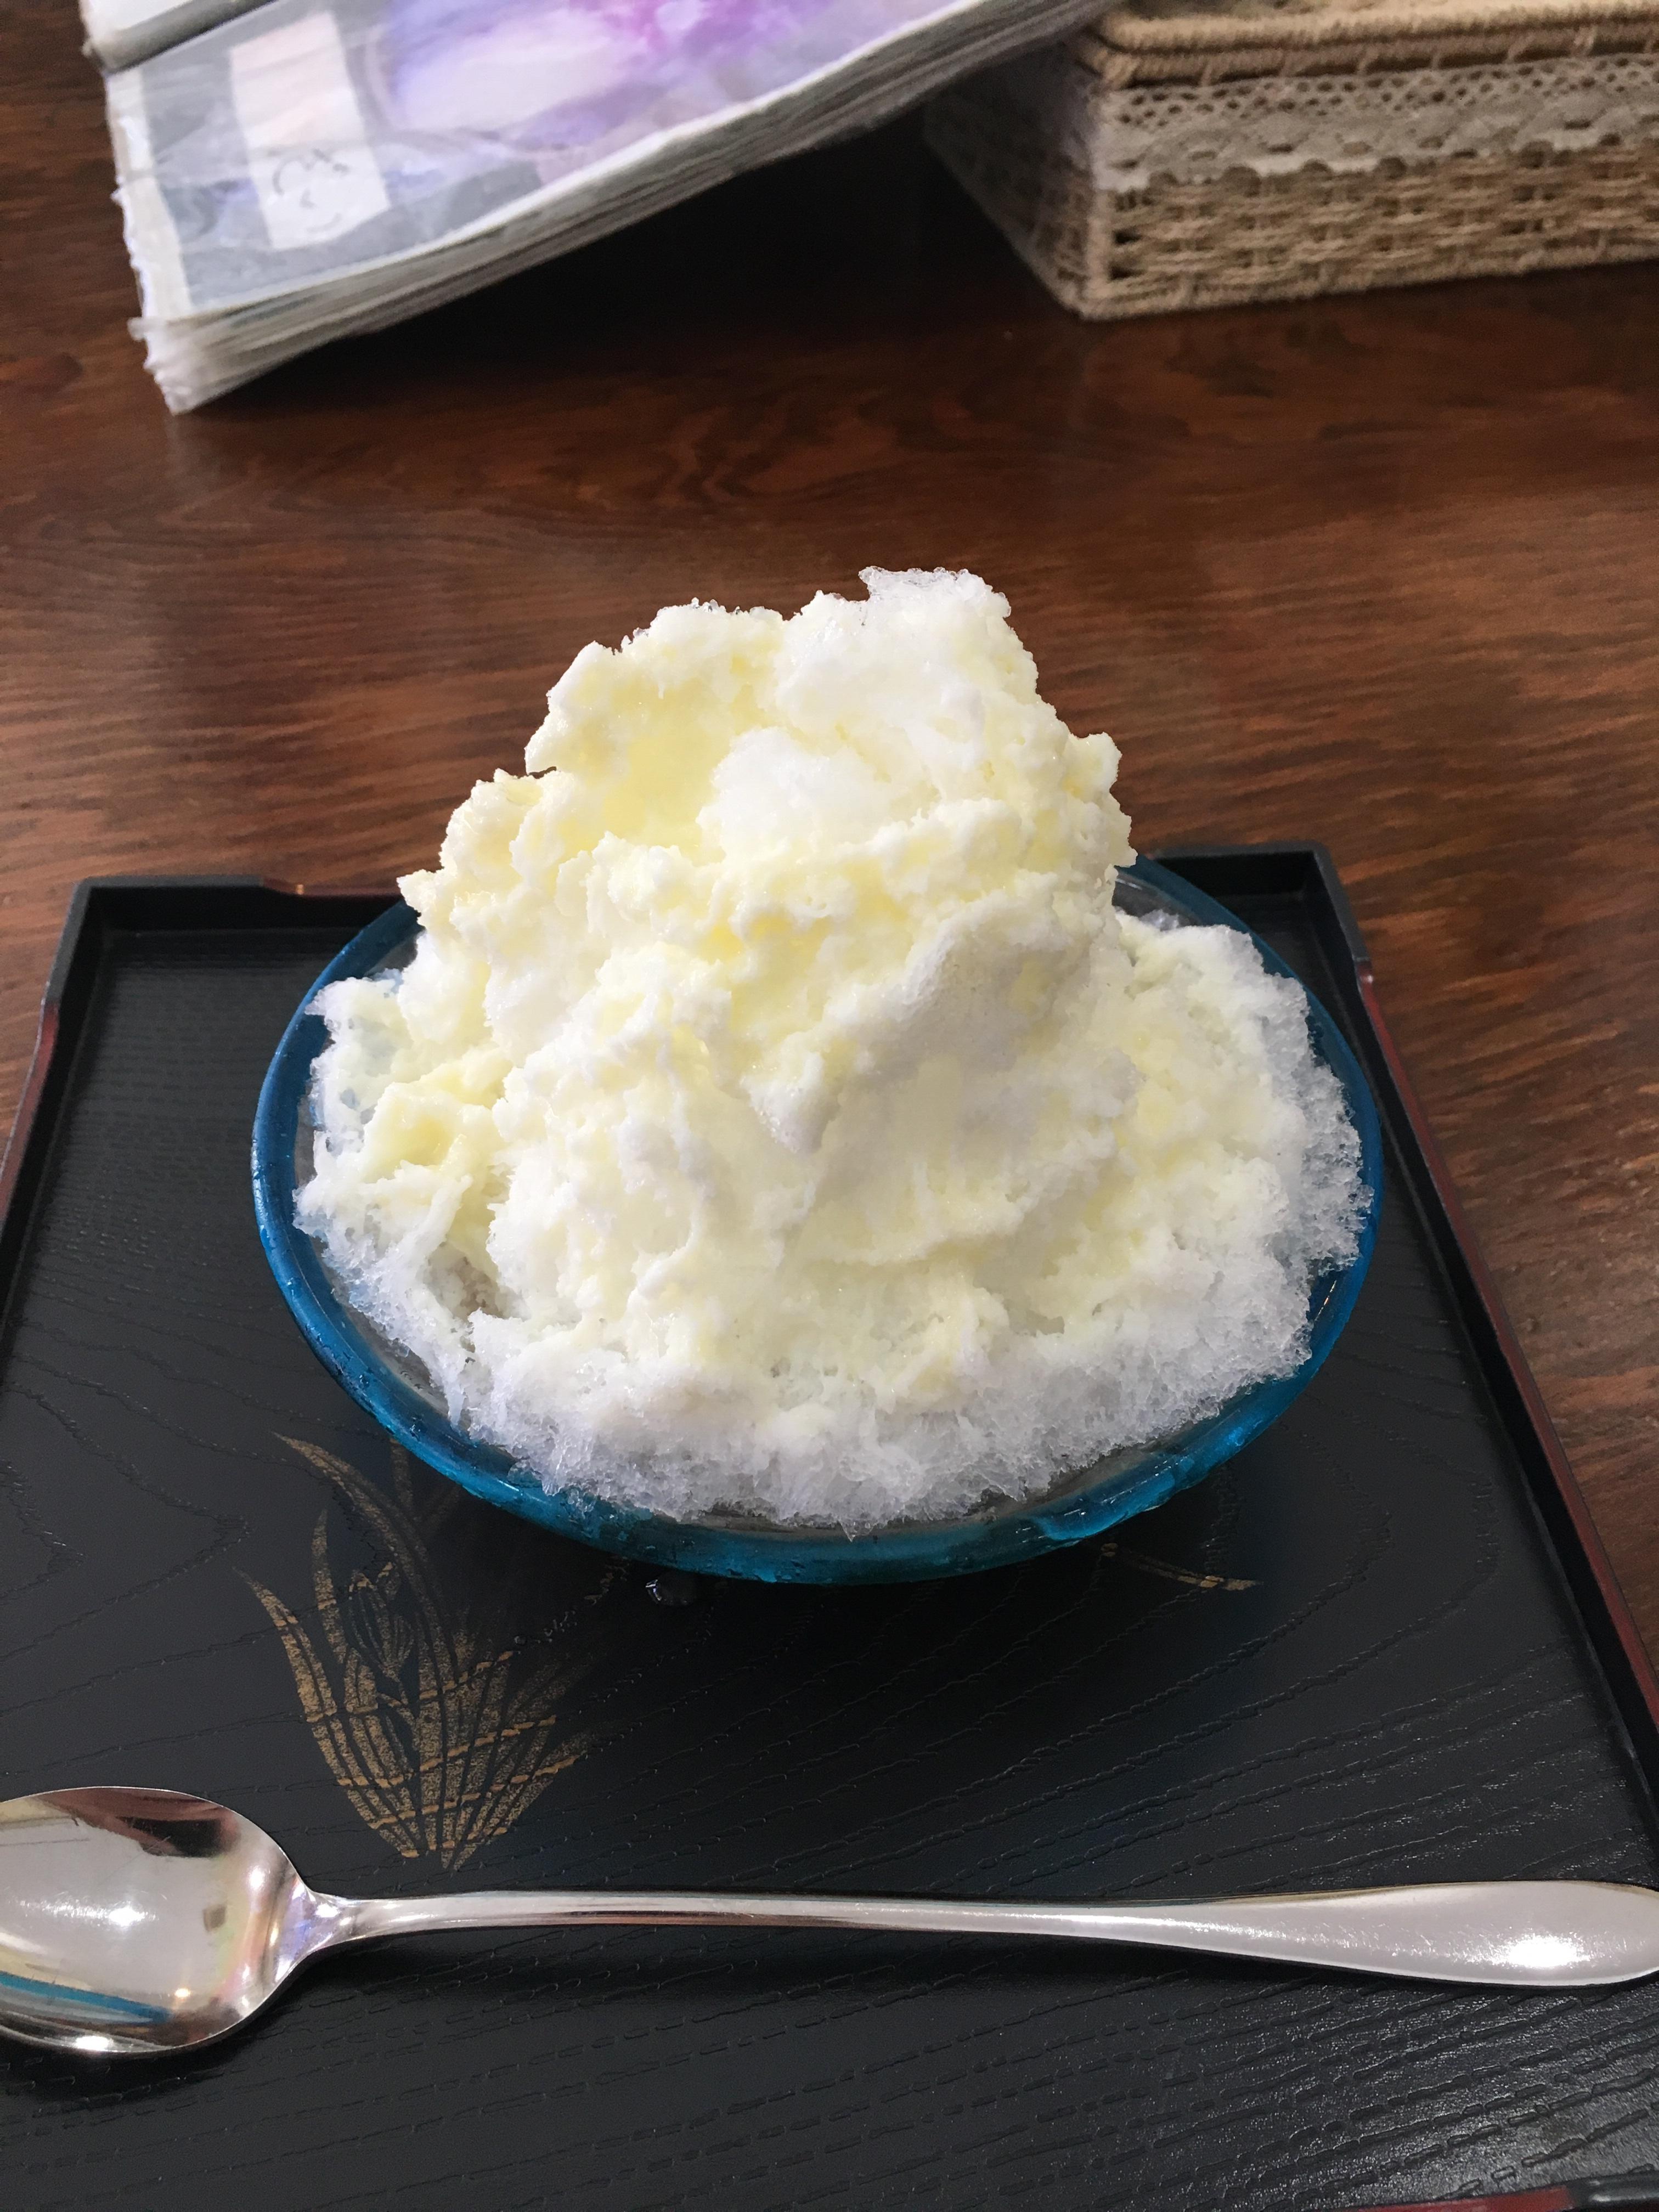 鶴亀堂ぜんざい のミルクぜんざい